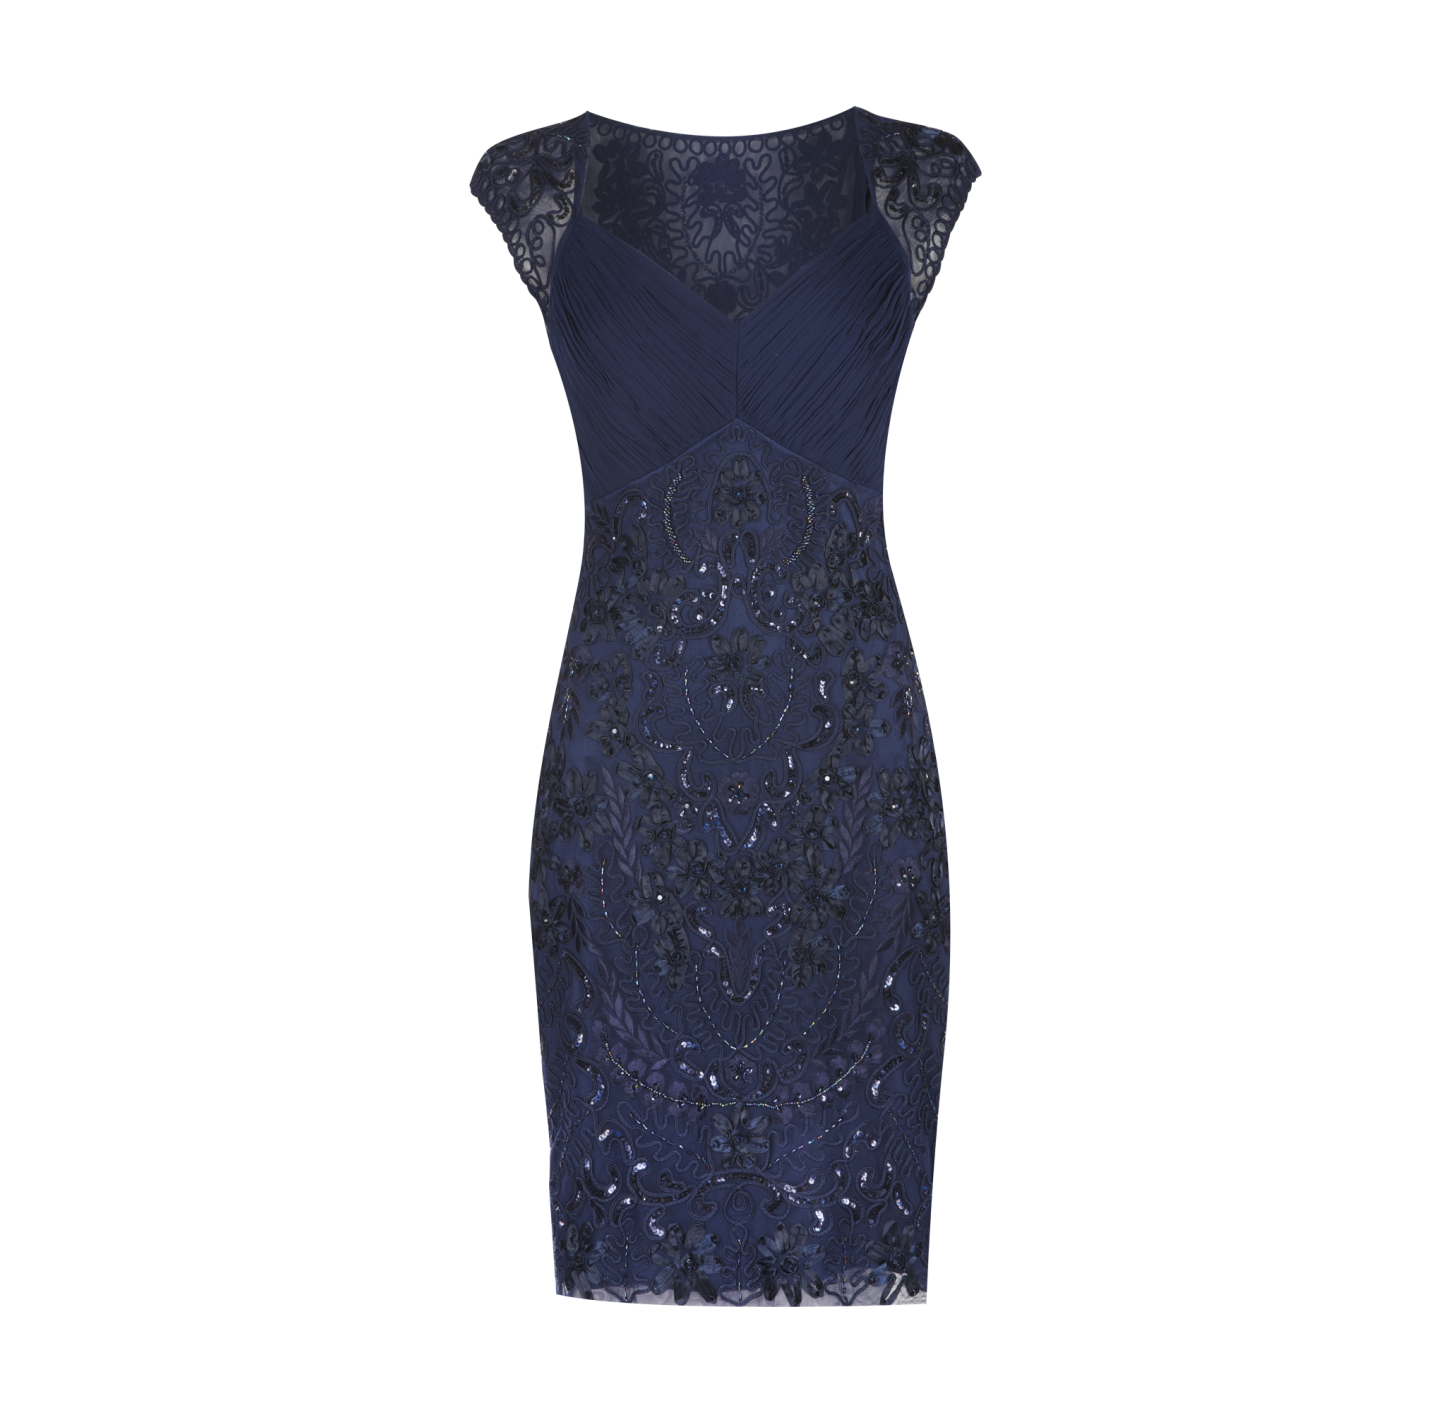 NIENTE Kleid mit Paillettenstickerei #cocktaildress  Kleider